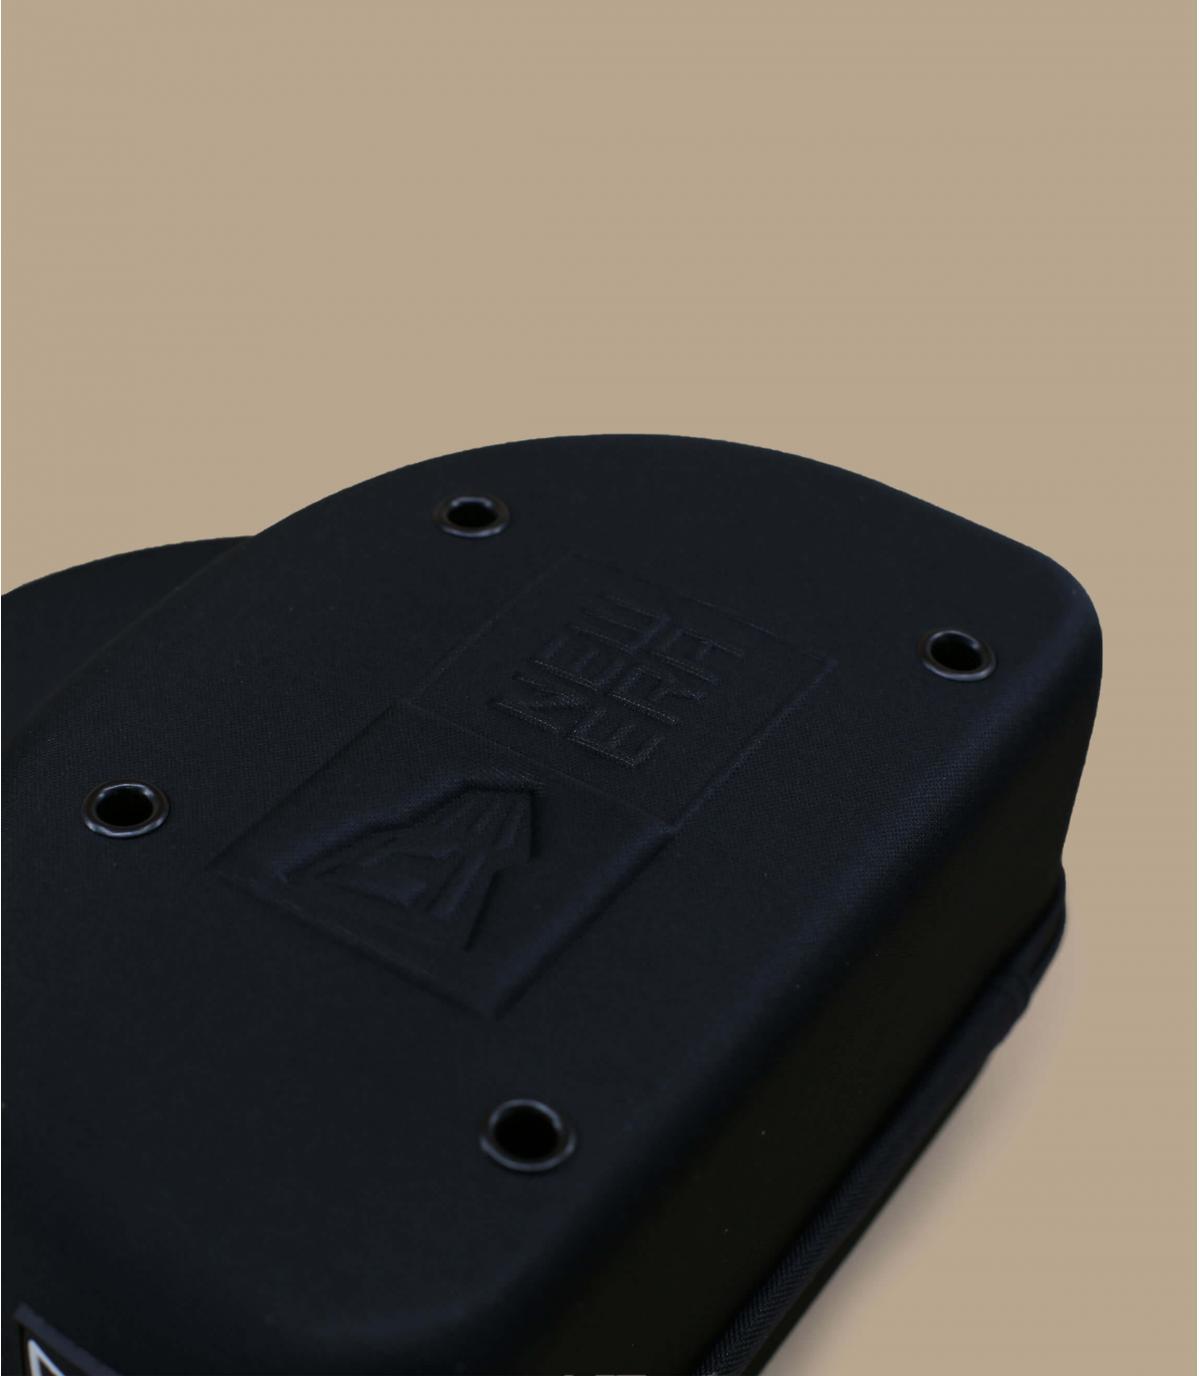 Dettagli Boîte à casquette x2 - image 2